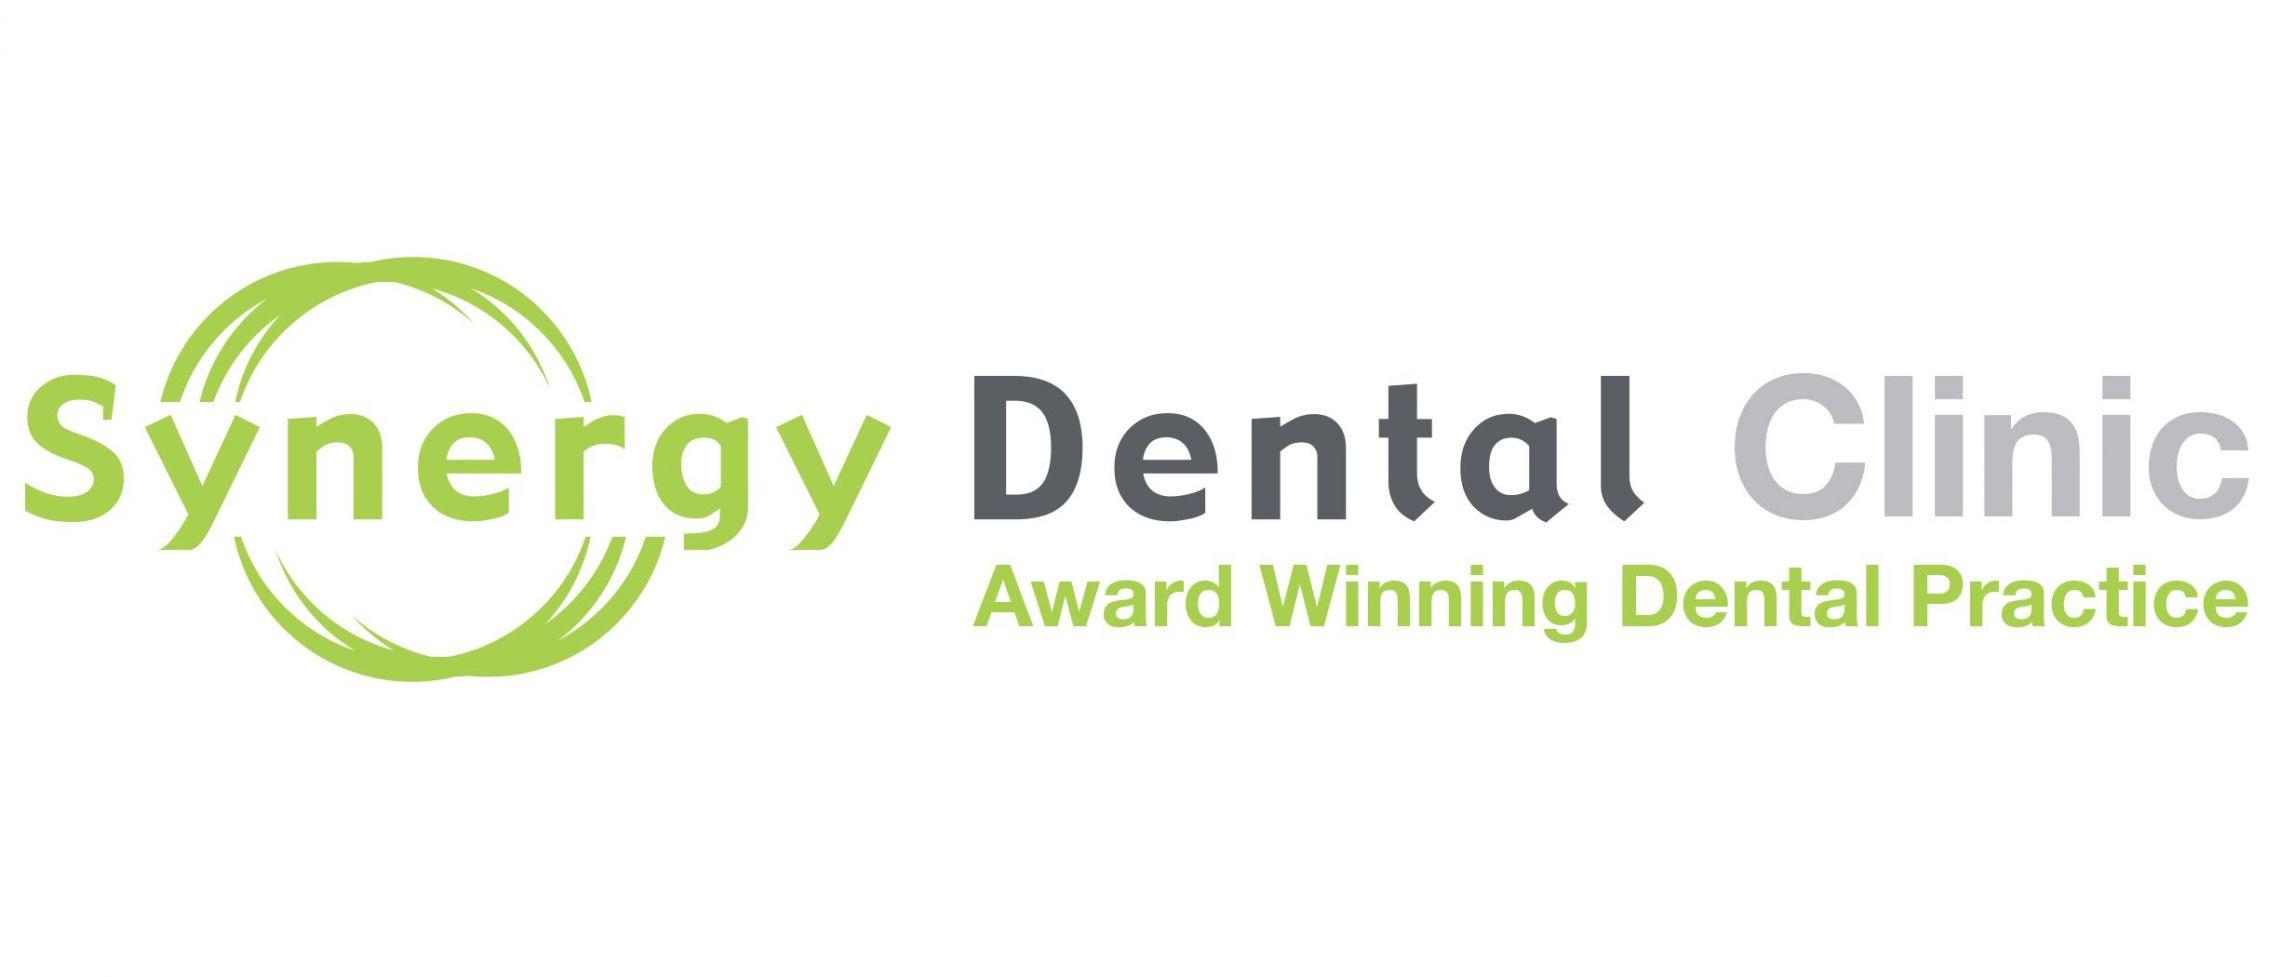 Synergy Dental Clinic Bury